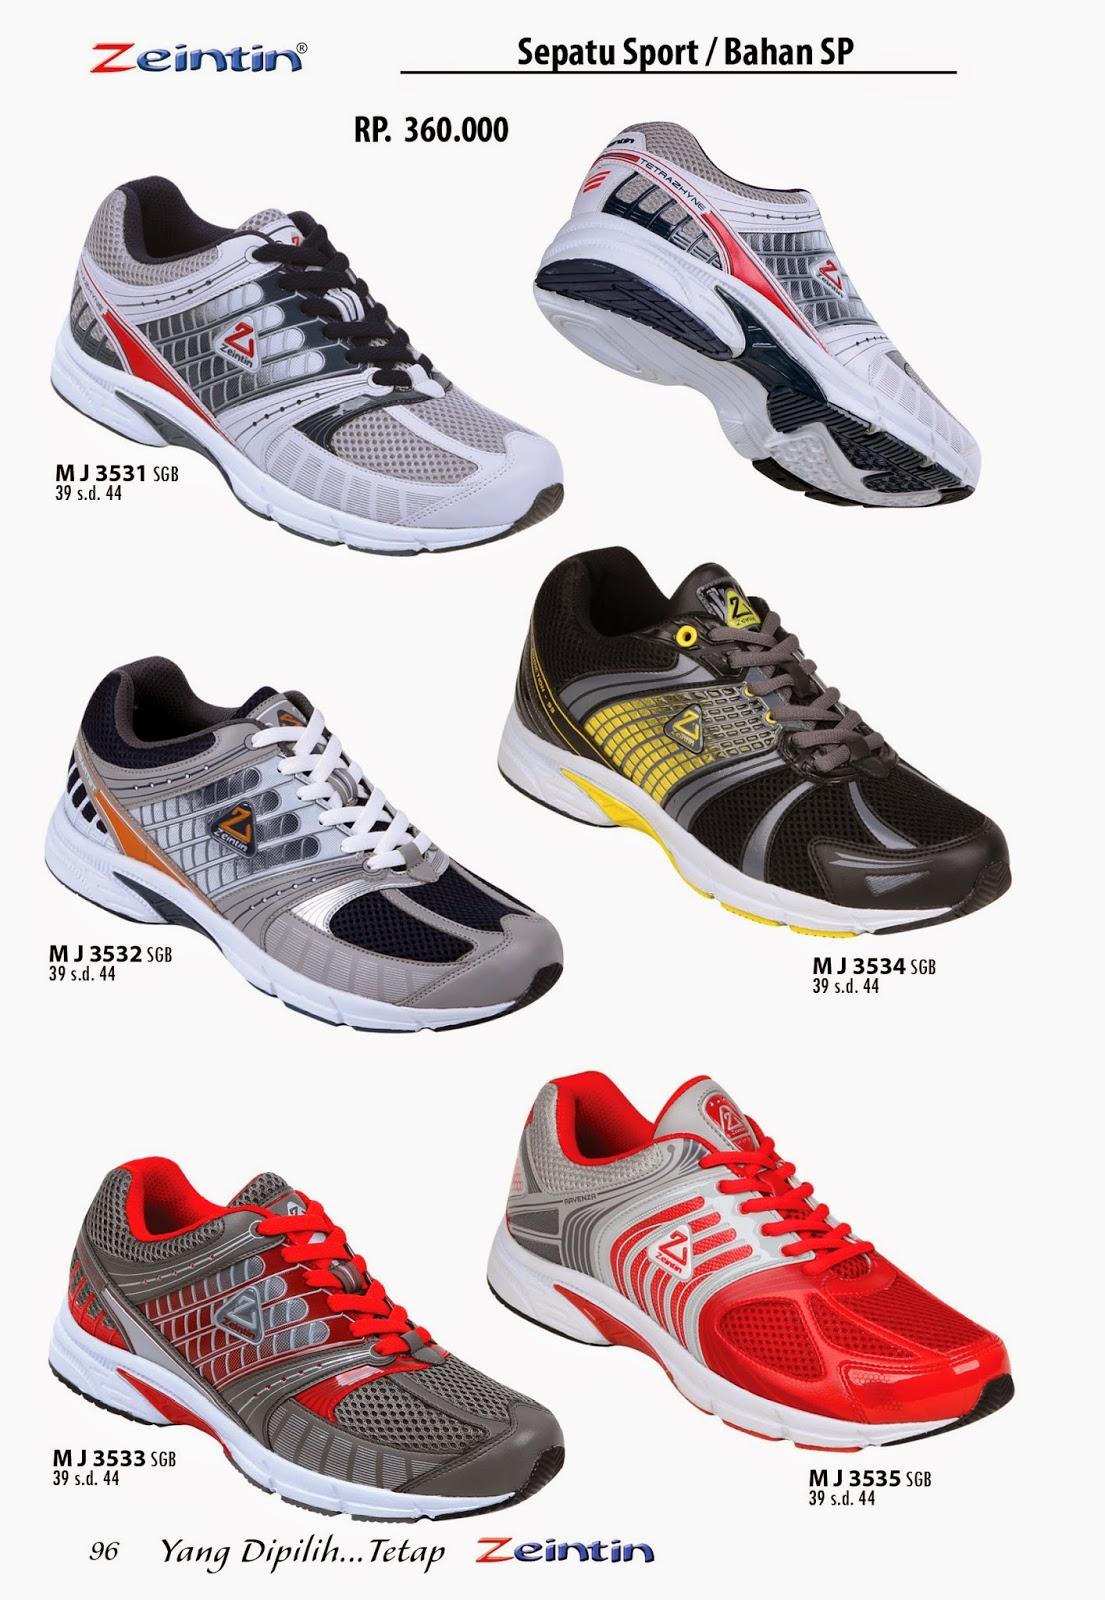 Sepatu Olahraga Zeintin, dari katalog edisi Brilian 11